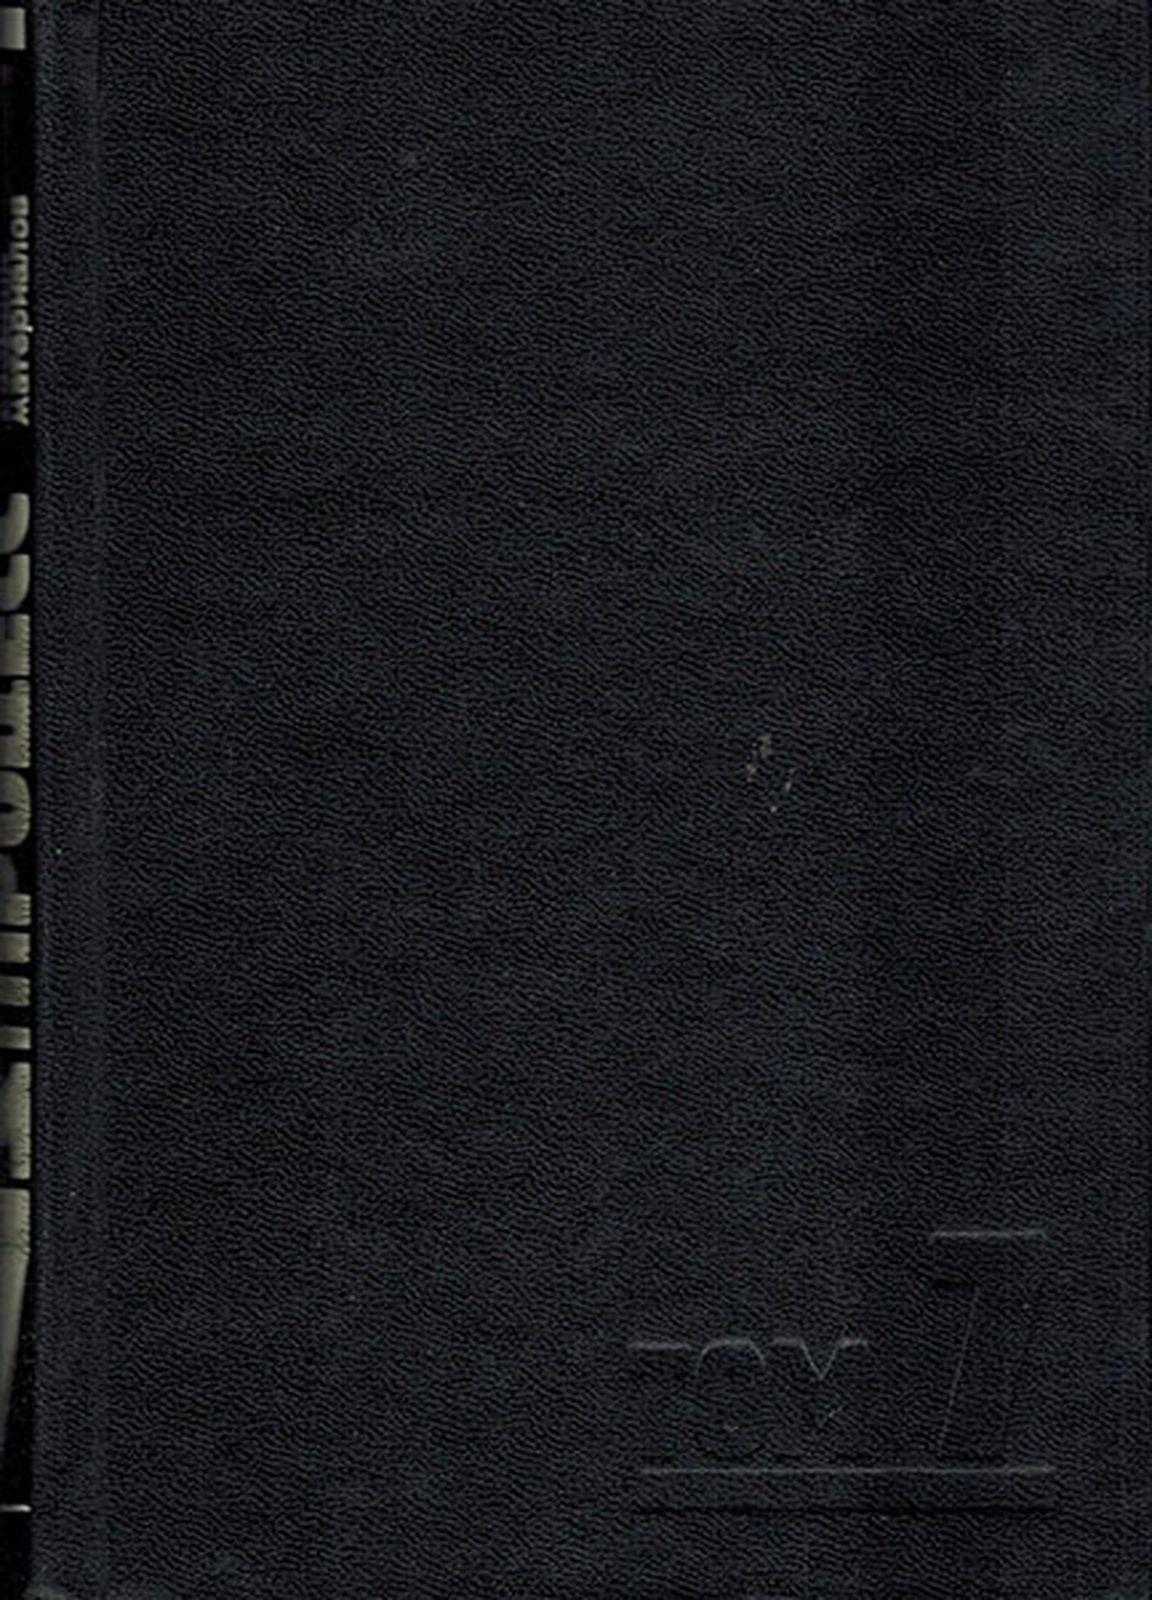 Фото - Нюрнбергский процесс. Сборник материалов в 8 томах. Том 7 юридическая литература